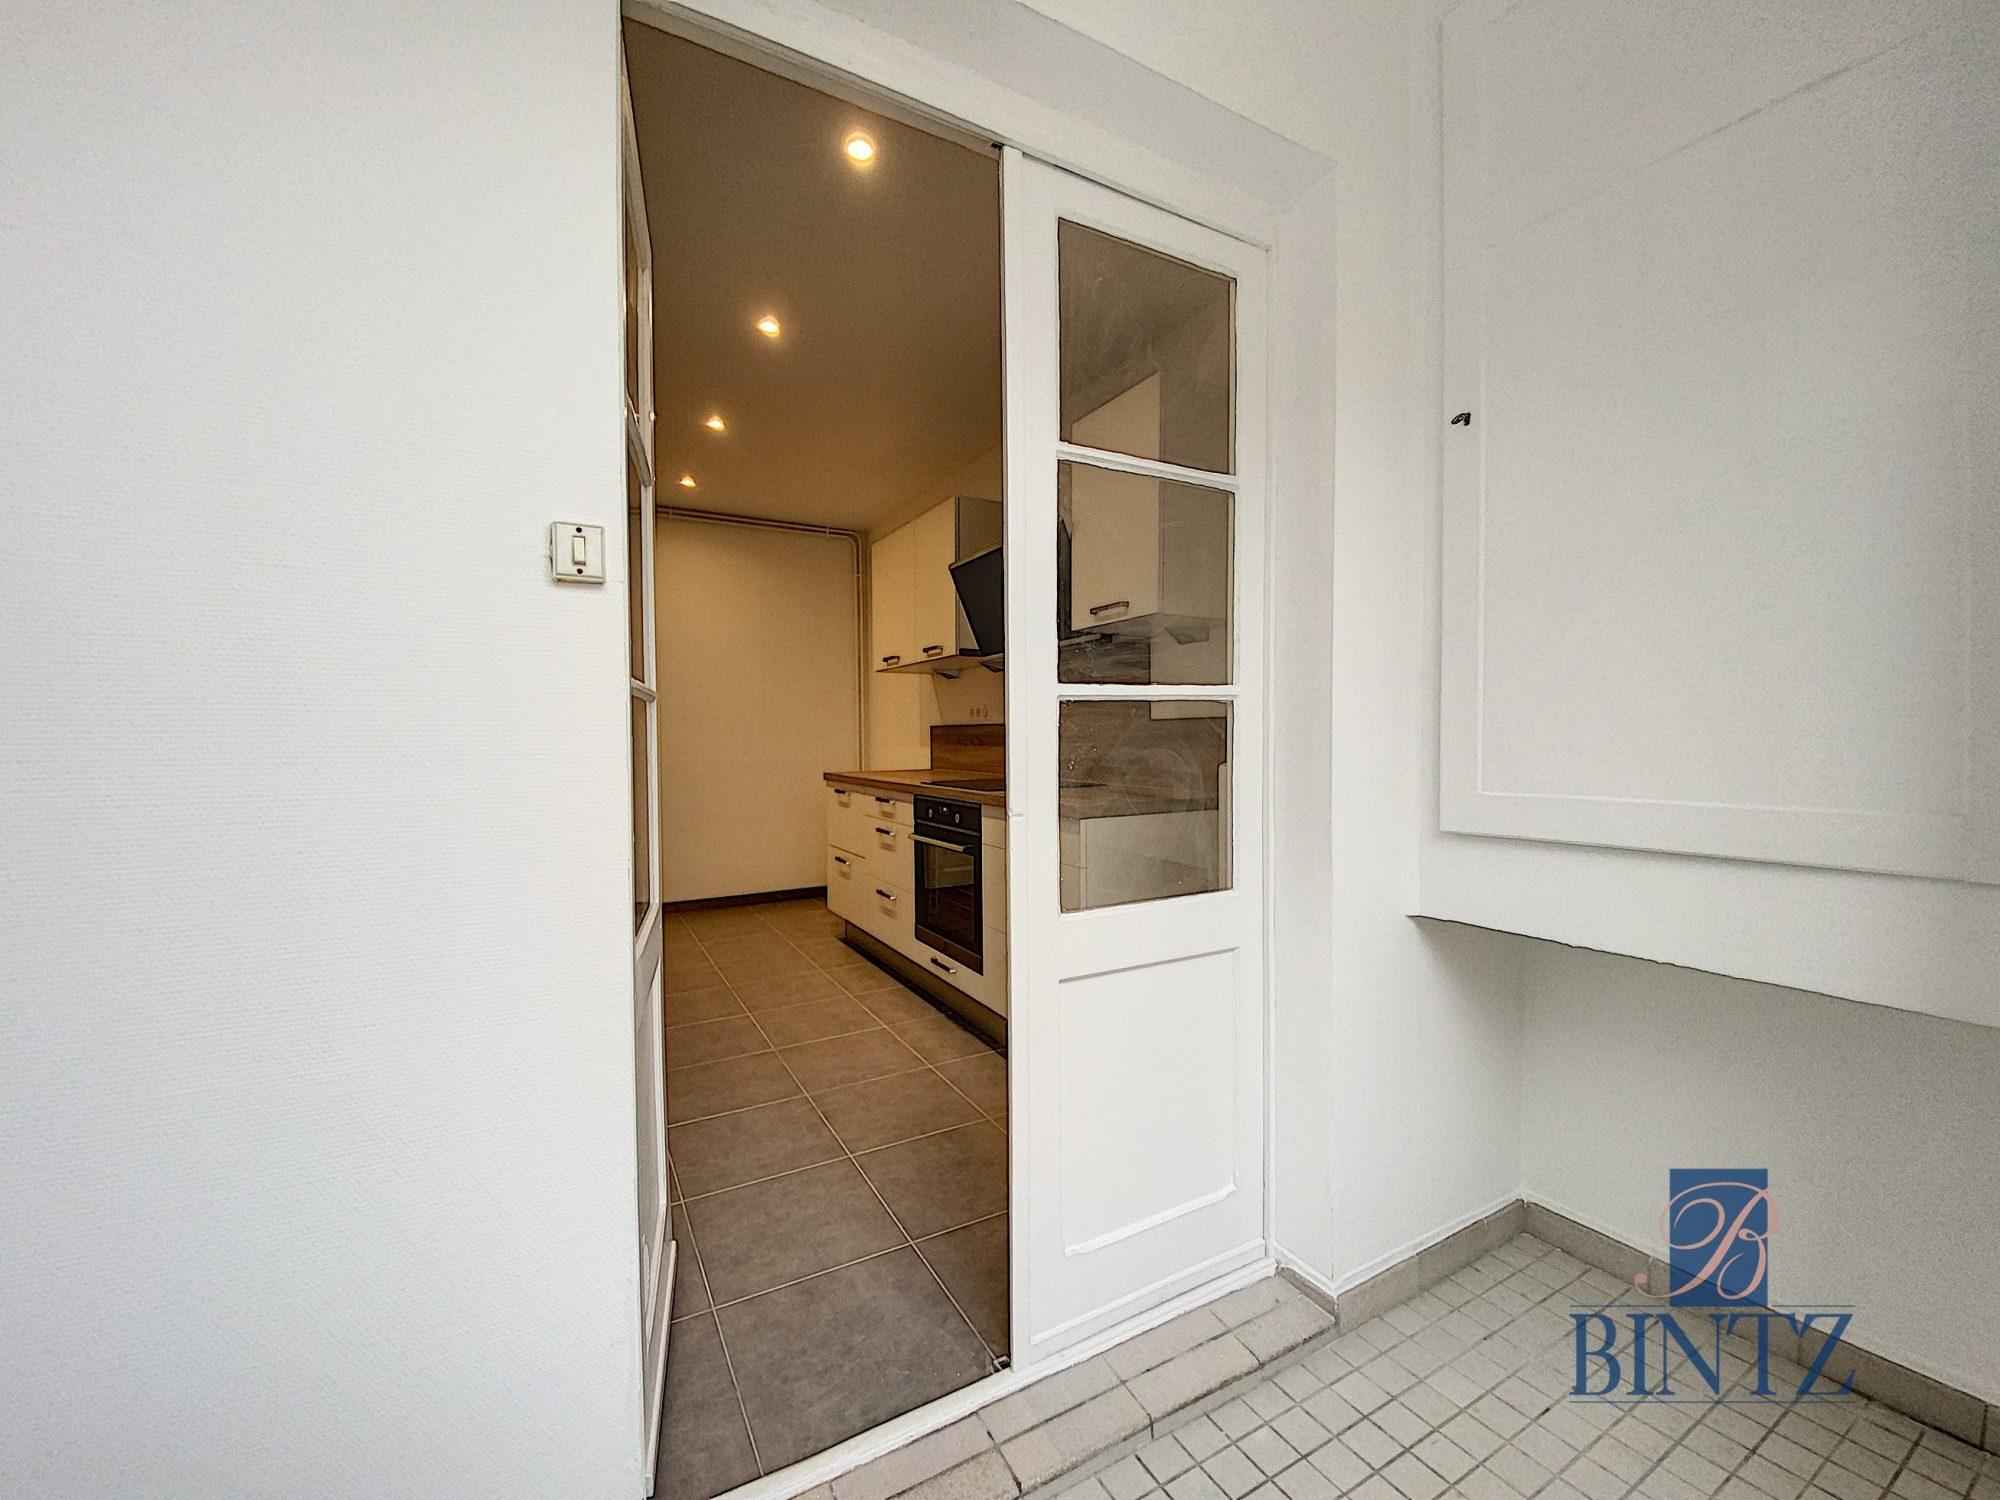 Appartement 3 pièces 69m2 dans le quartier des XV - Devenez propriétaire en toute confiance - Bintz Immobilier - 3